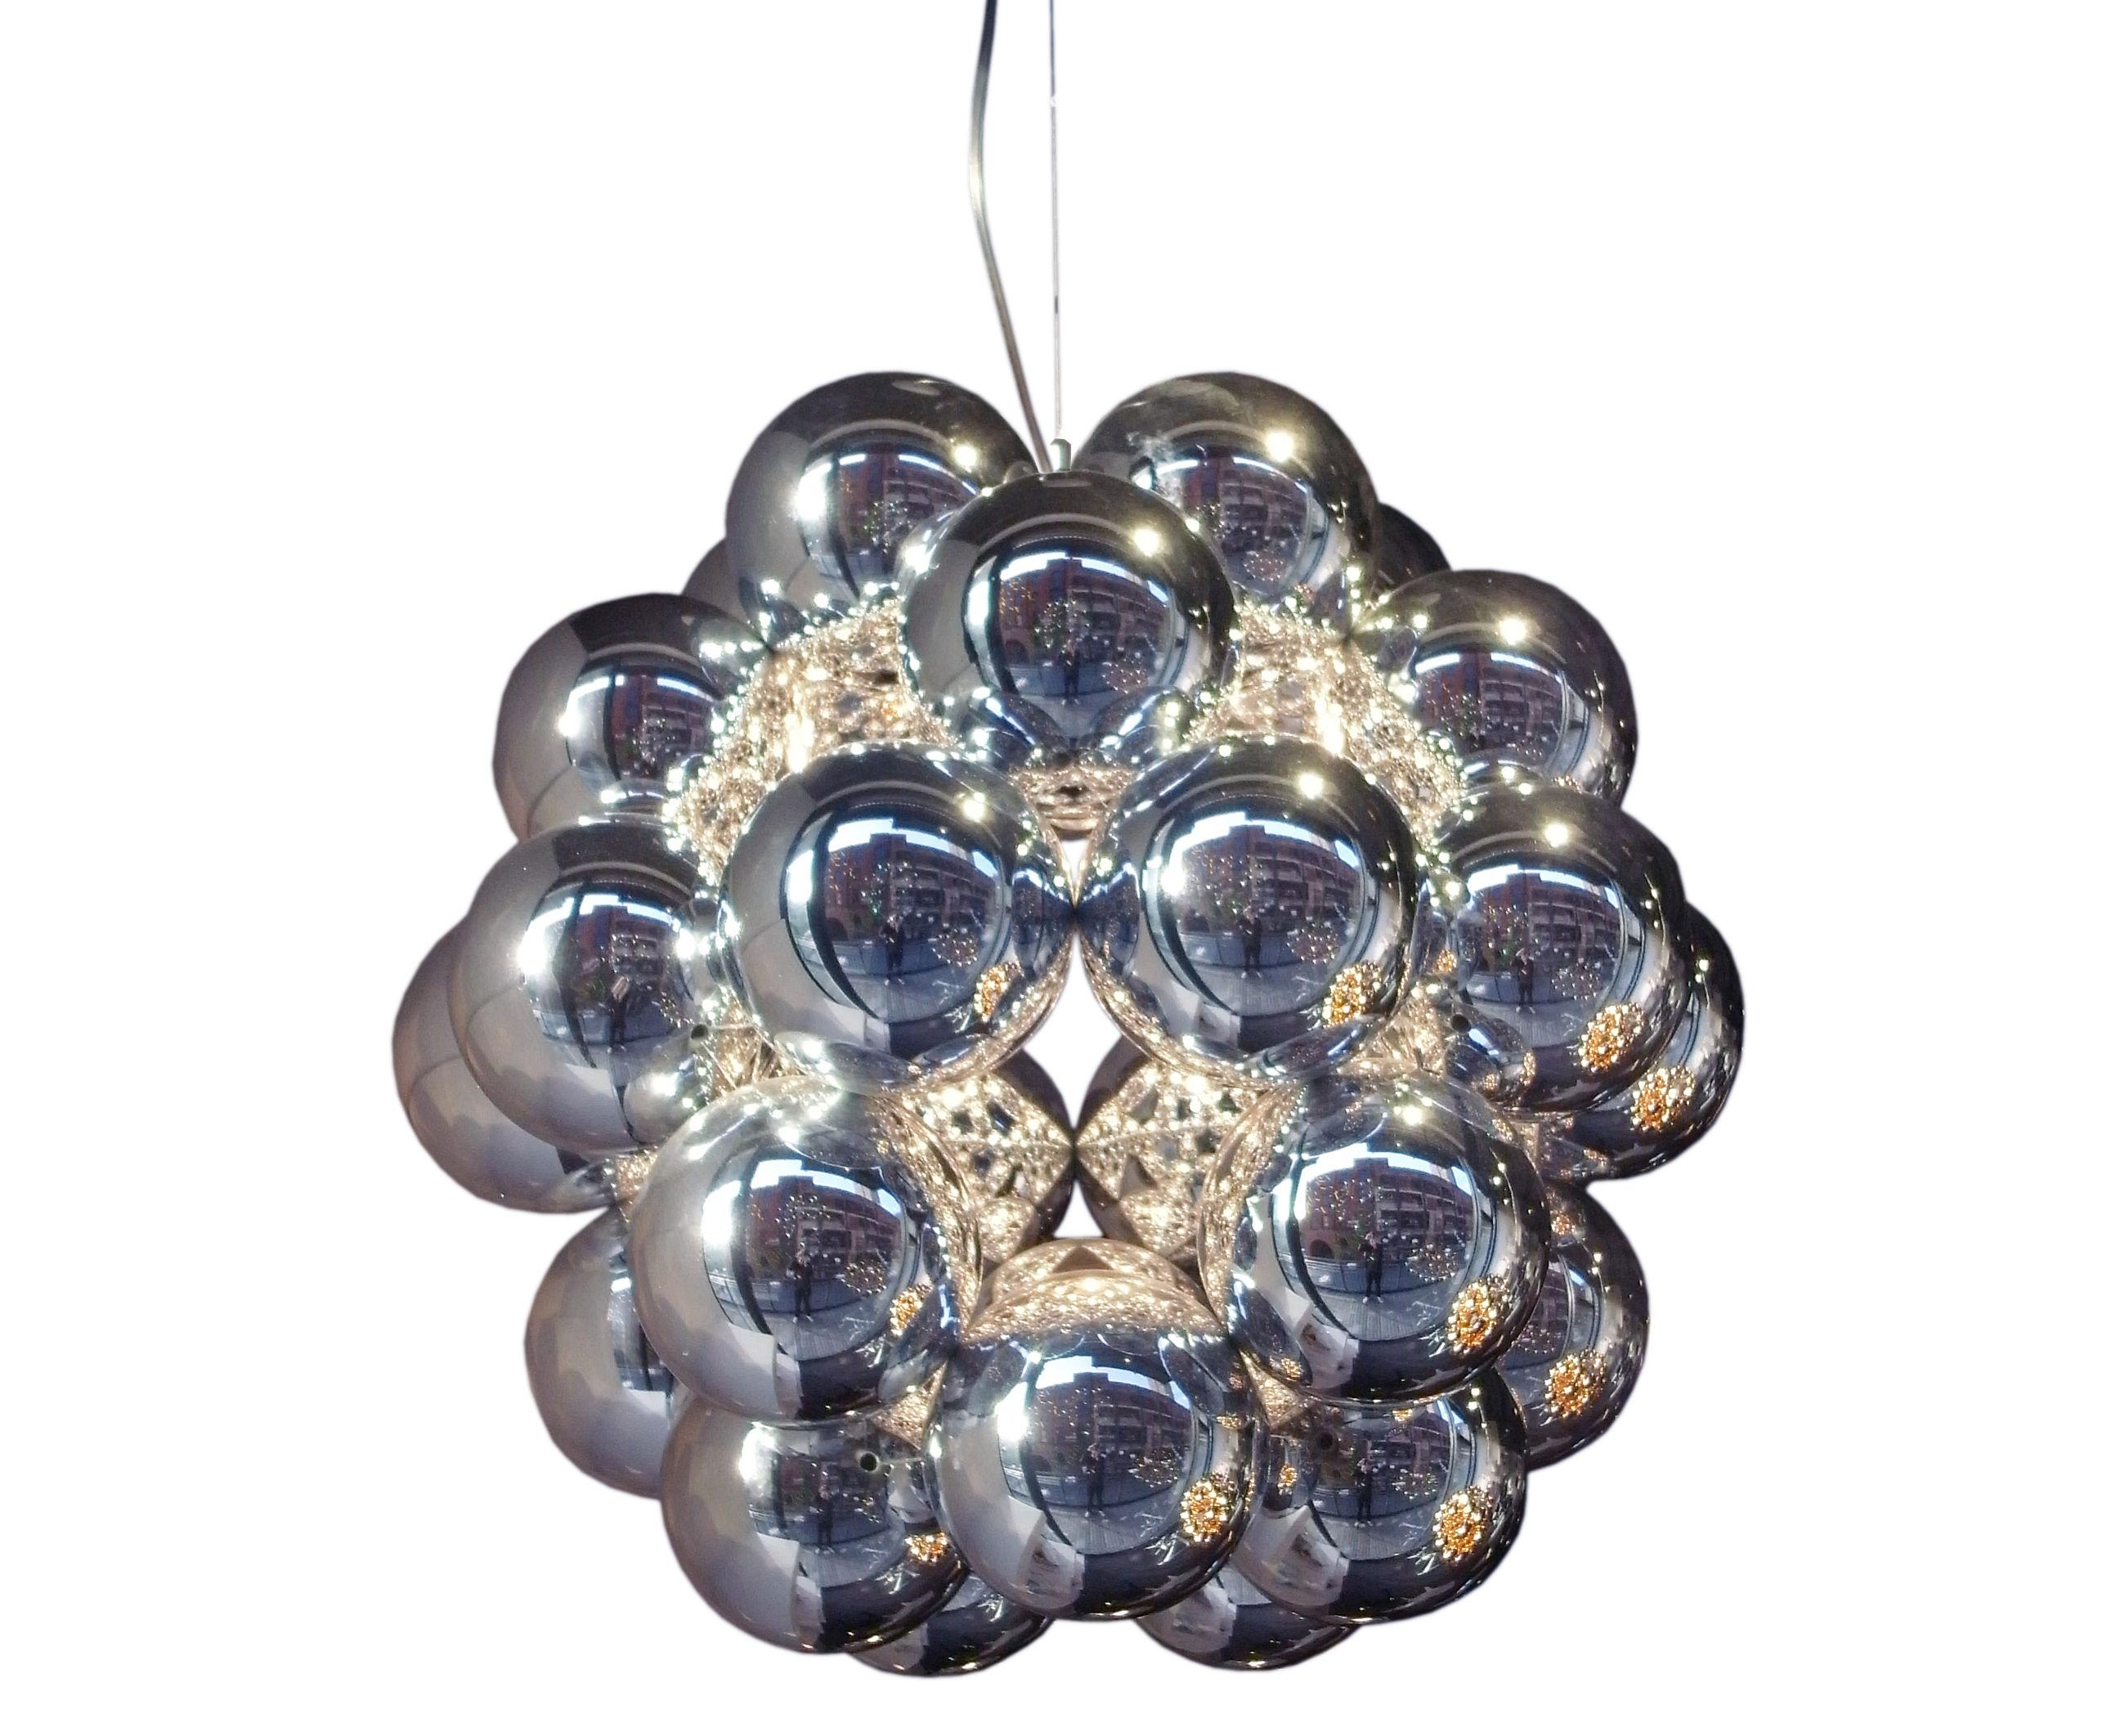 Leuchten - Pendelleuchten - Beads - Penta Pendelleuchte Ø 54 cm - Innermost - Silberfarben - Polykarbonat, rostfreier Stahl